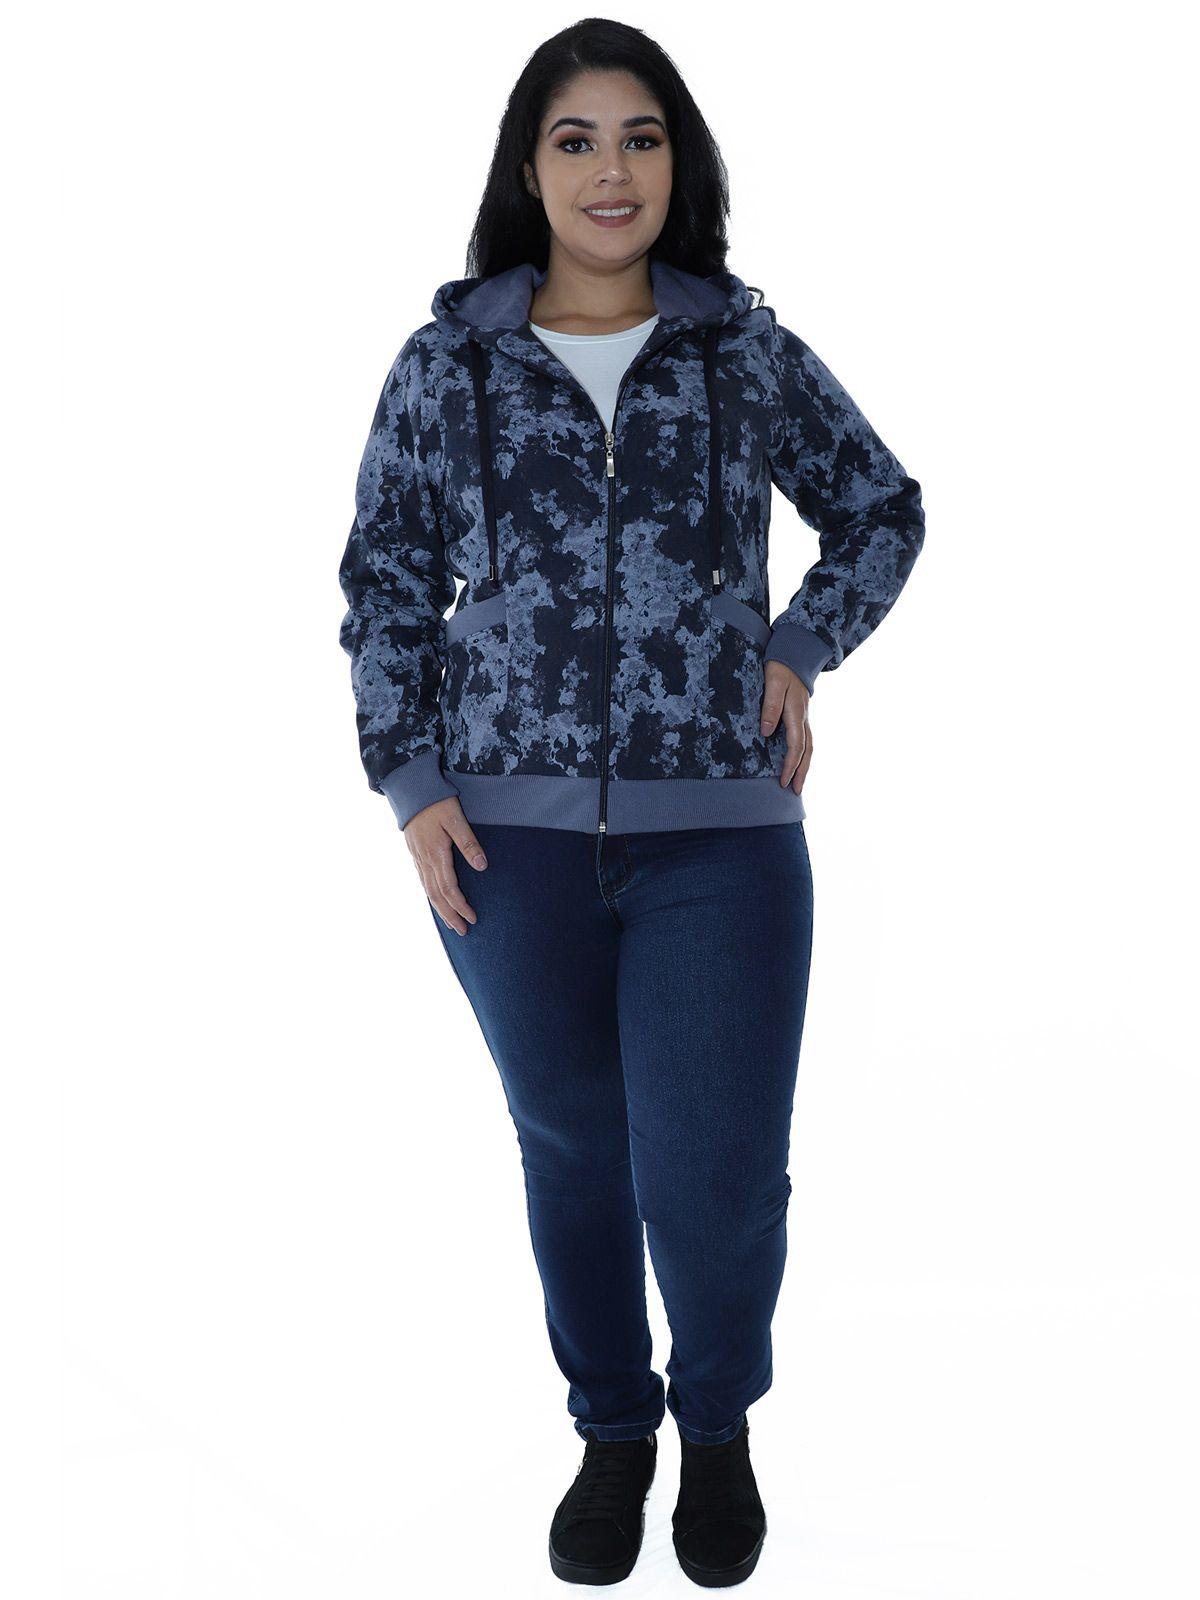 Casaco Plus Size de Moletom Camuflado com Capuz Azul Marinho